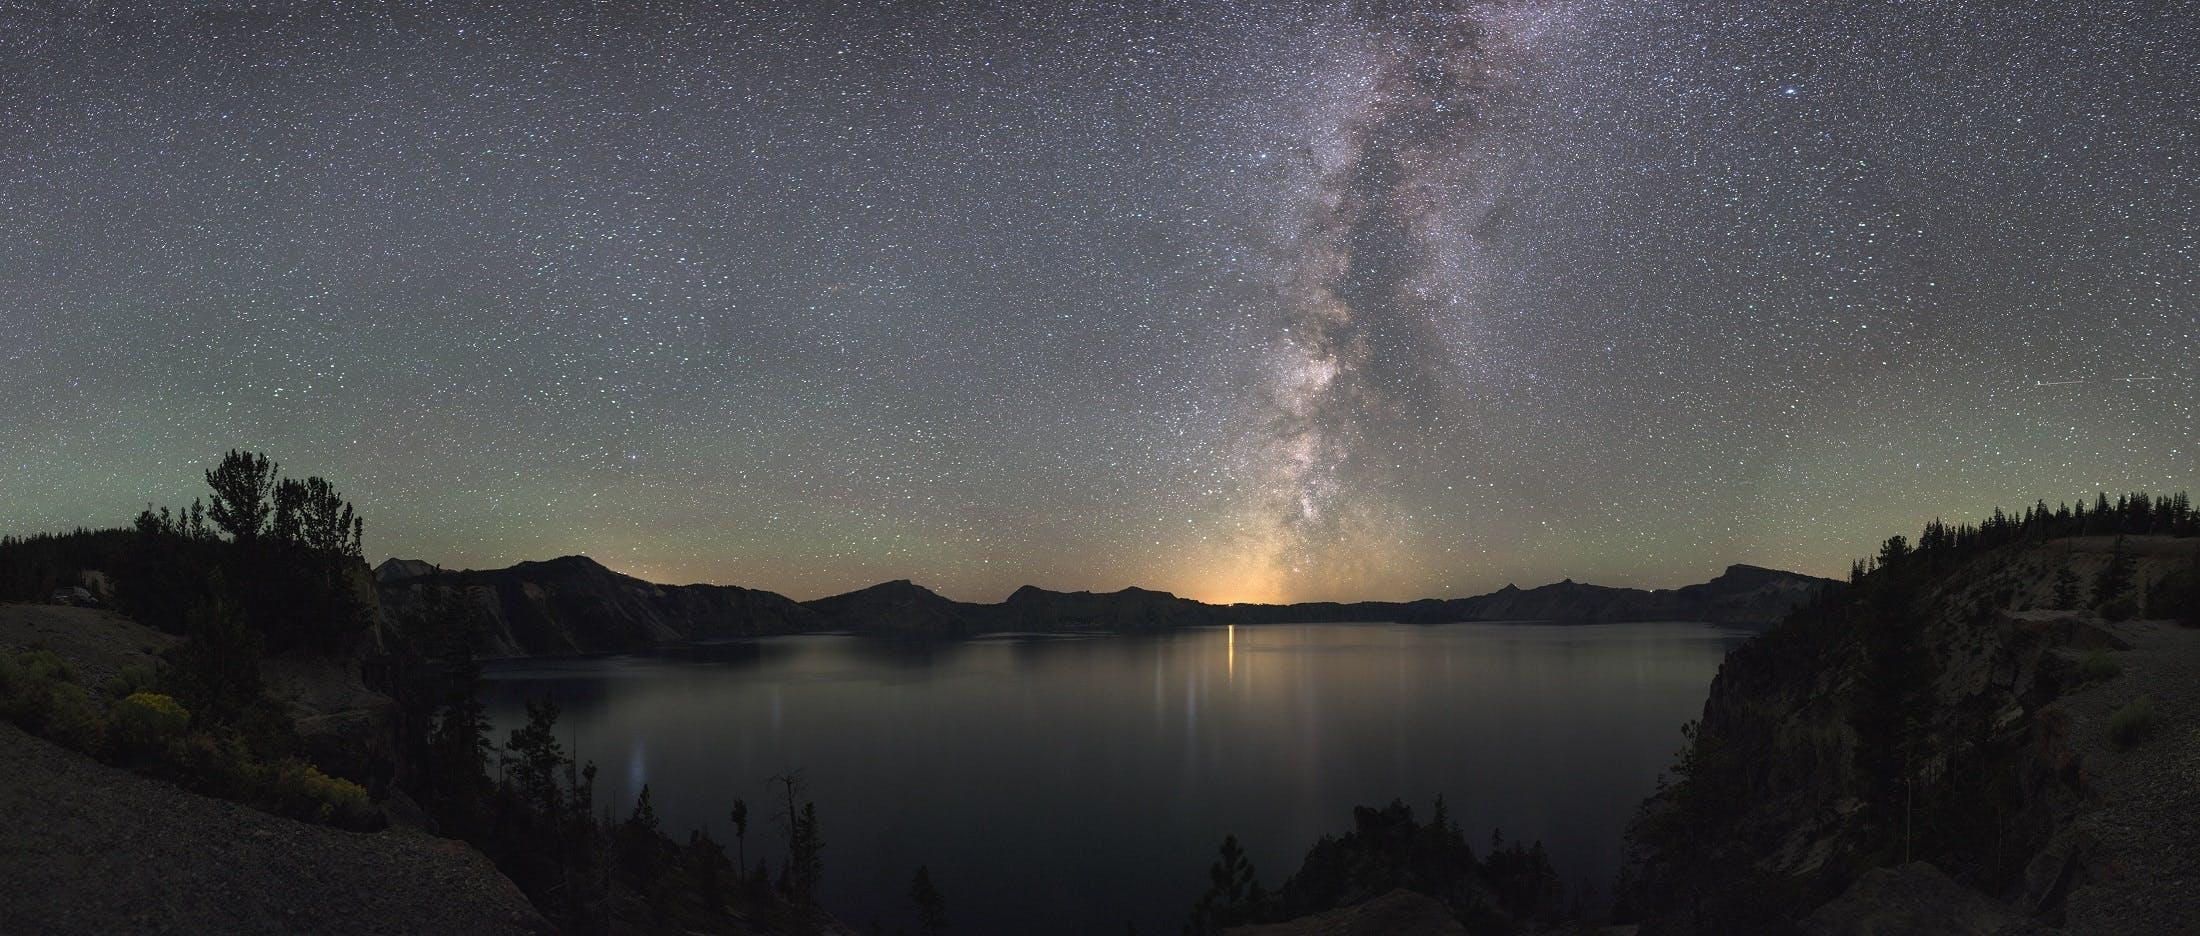 aften, astronomi, bjerg